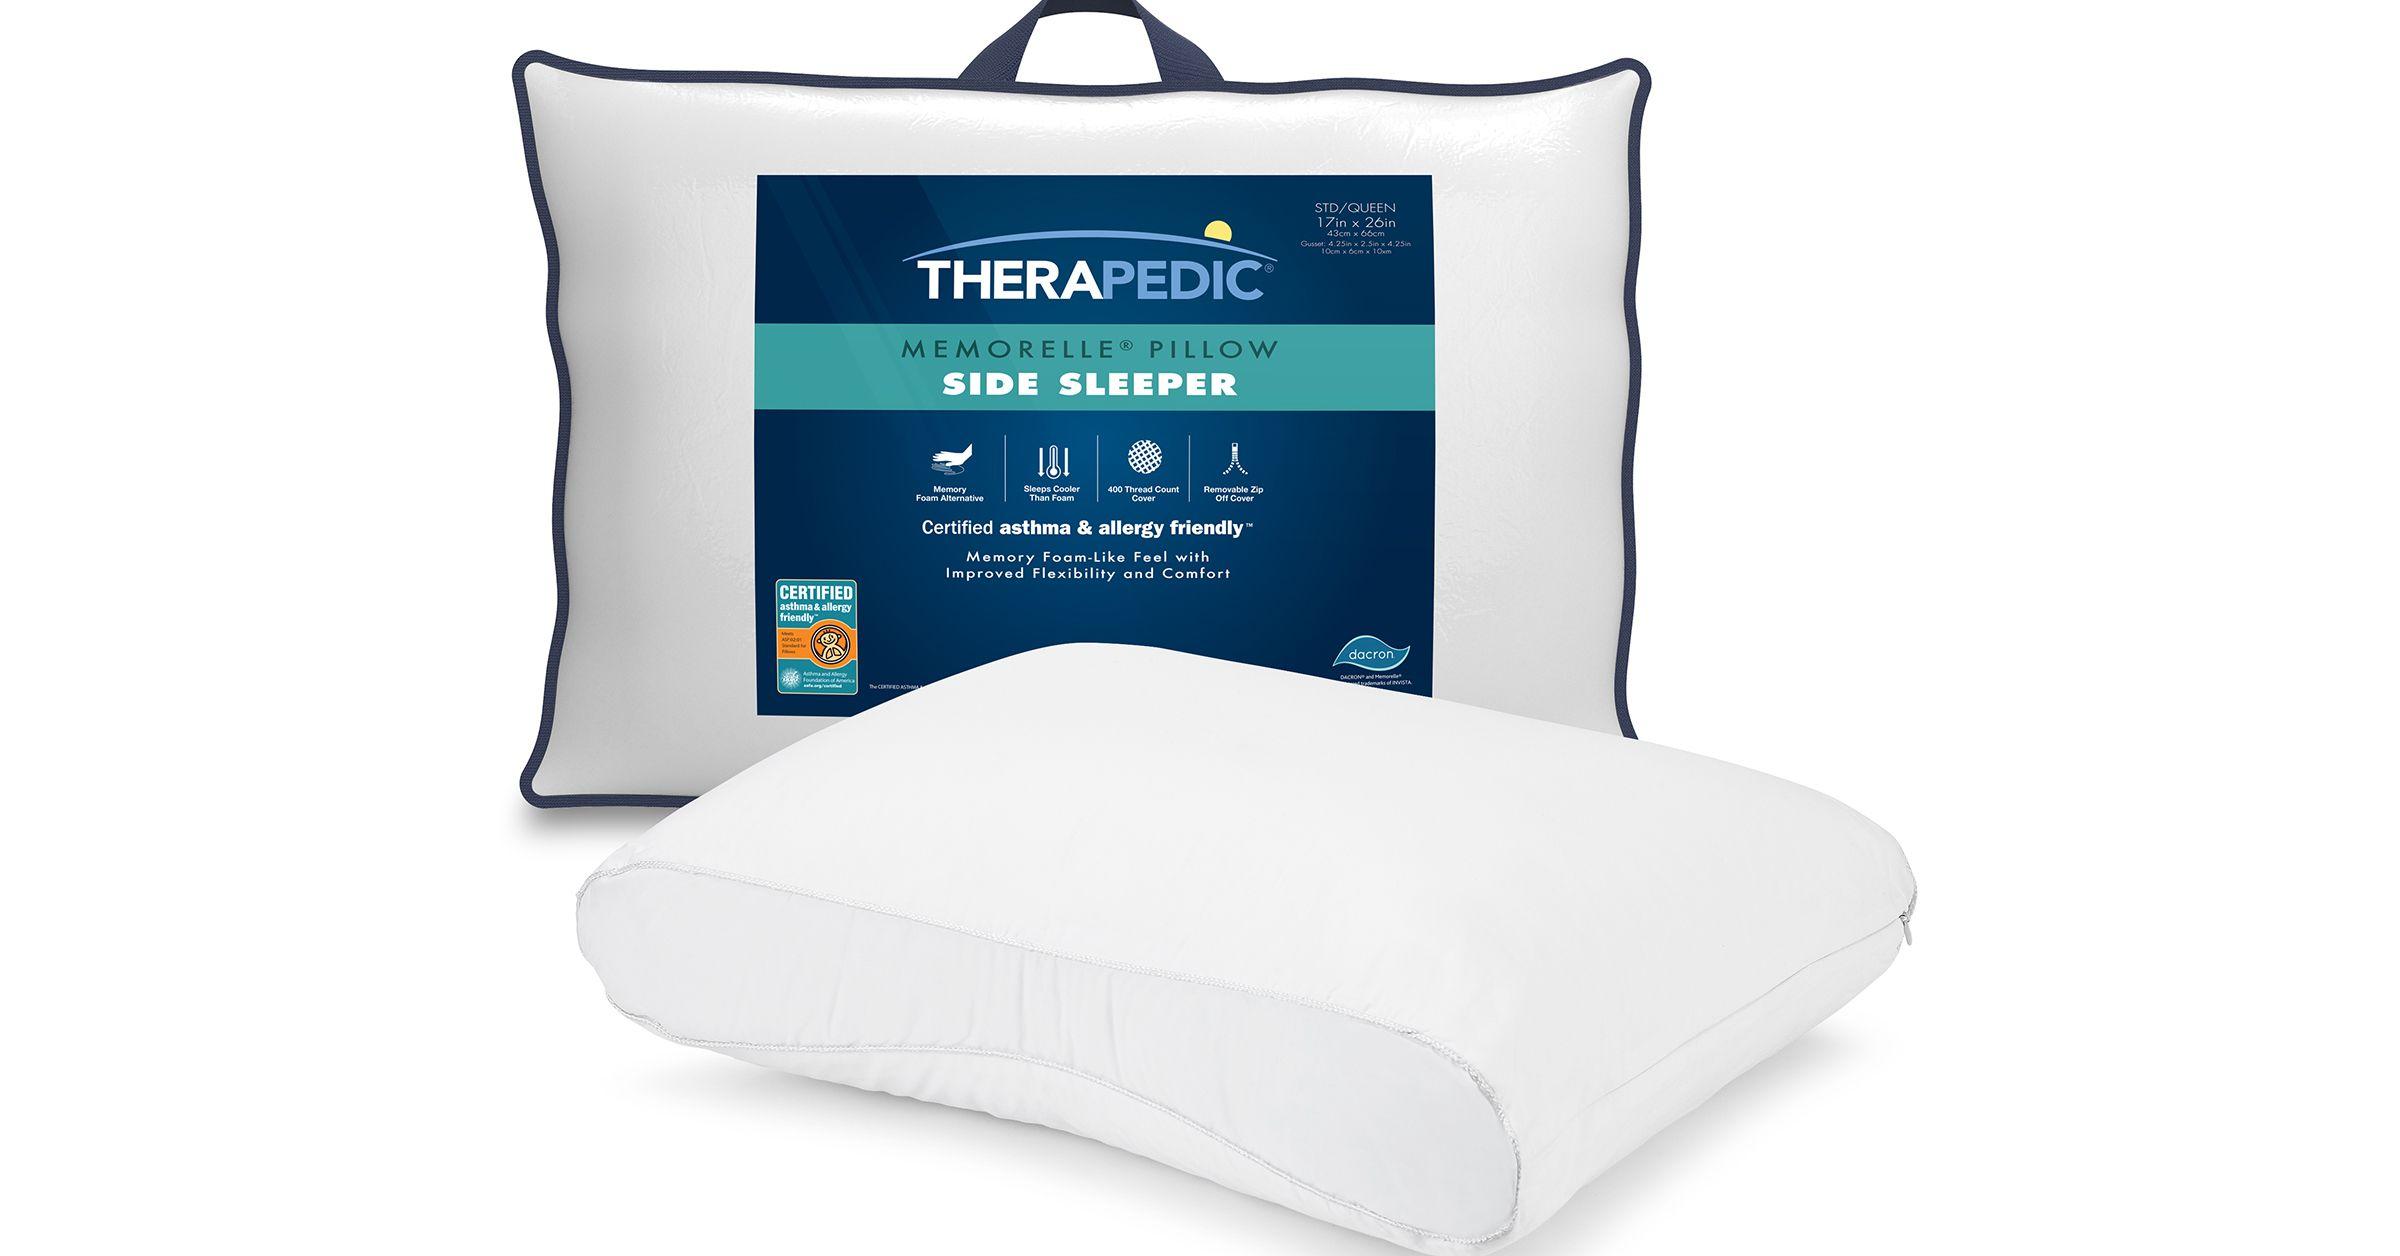 The All New Therapedic Invista Memorelle Pillows Are Certified